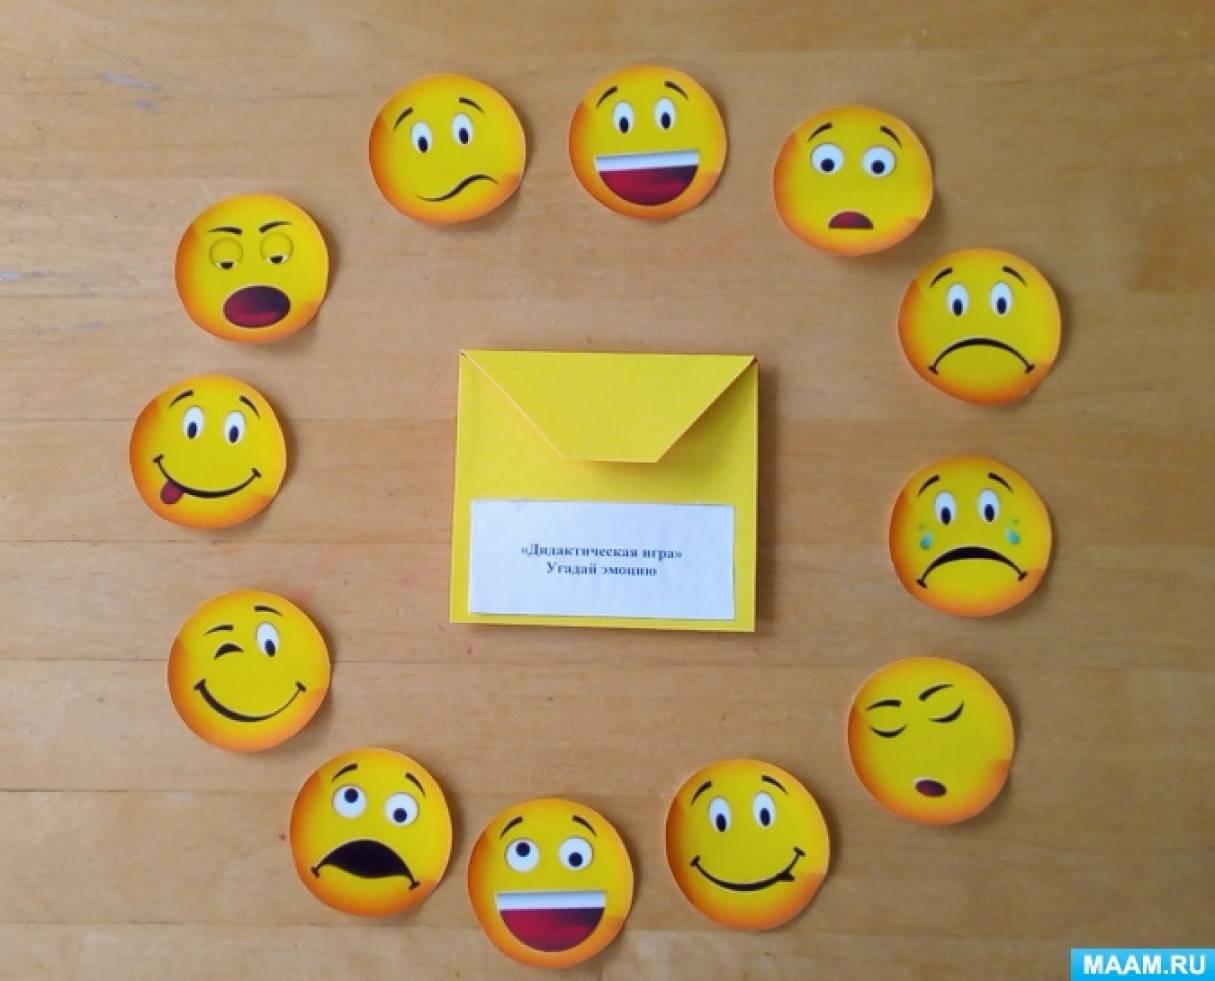 стоимости картинки с эмоциями для группы необходимости существующий